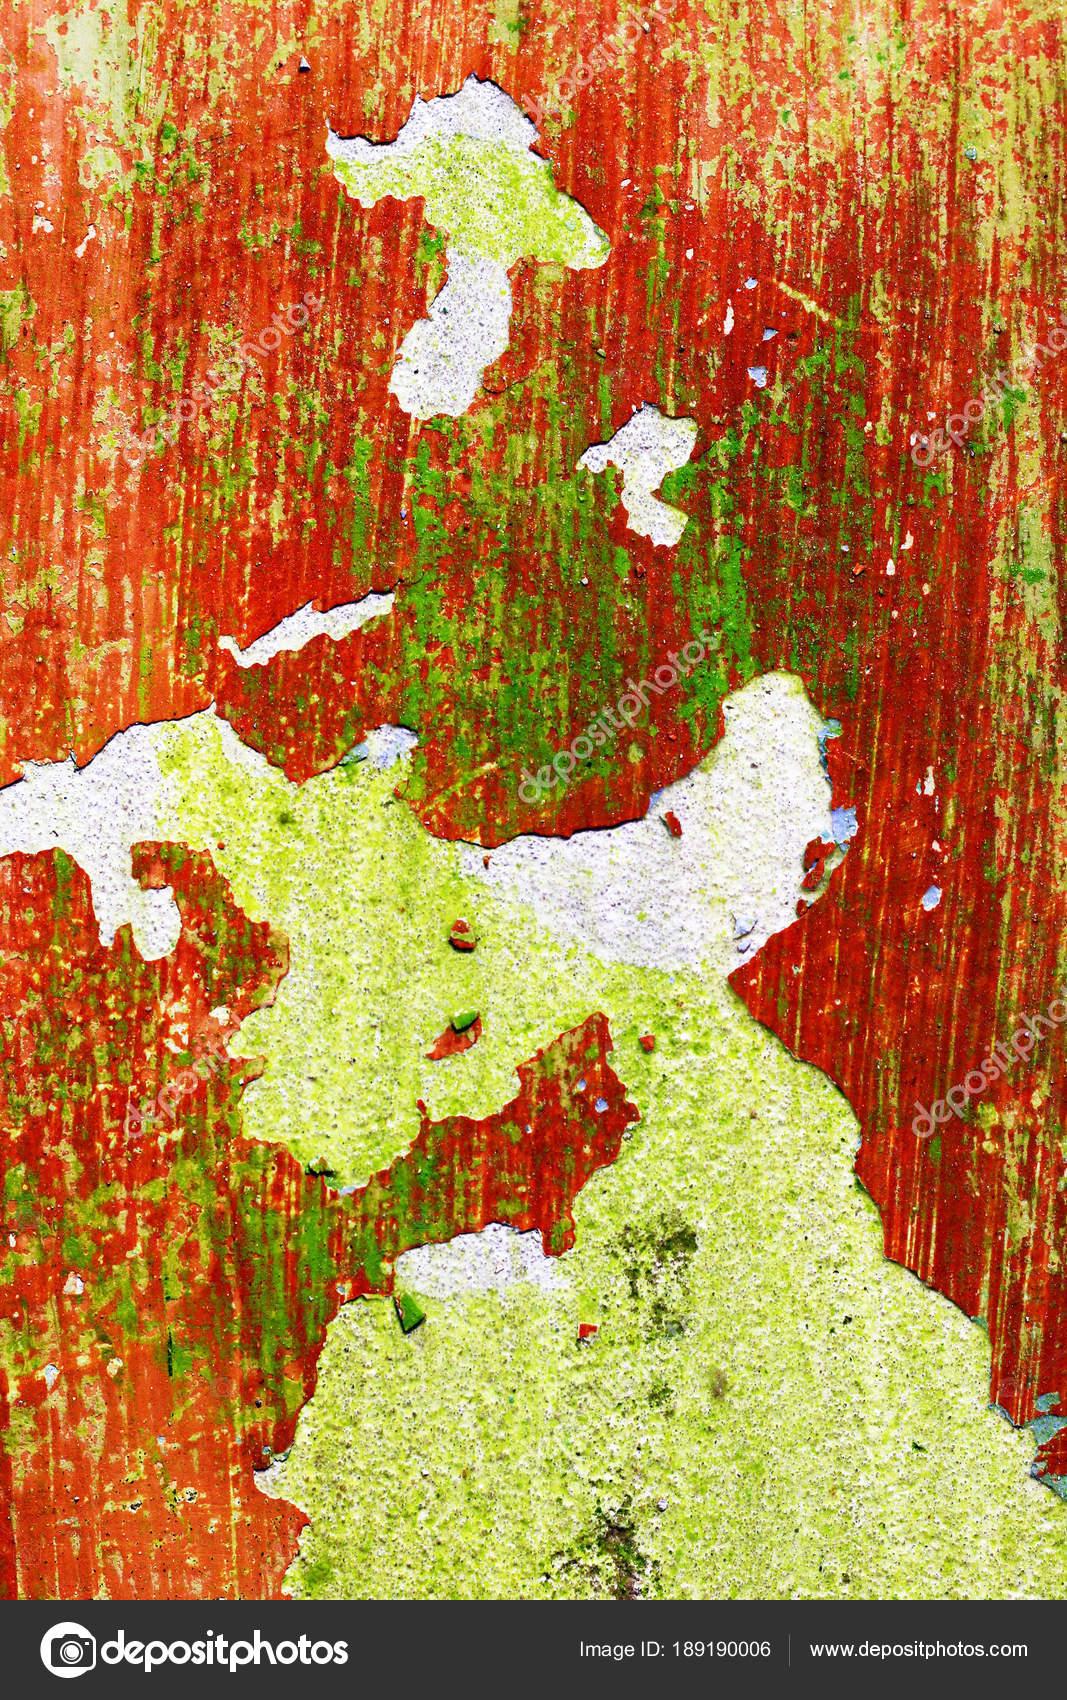 Grüne Und Rote Senkrechte Wand Vor Der Reparatur. Grobe Hausarbeit Tapete  Design Hintergrund. Farbe Raum Innendekoration Textur Vorlagenhintergrund U2014  Foto ...